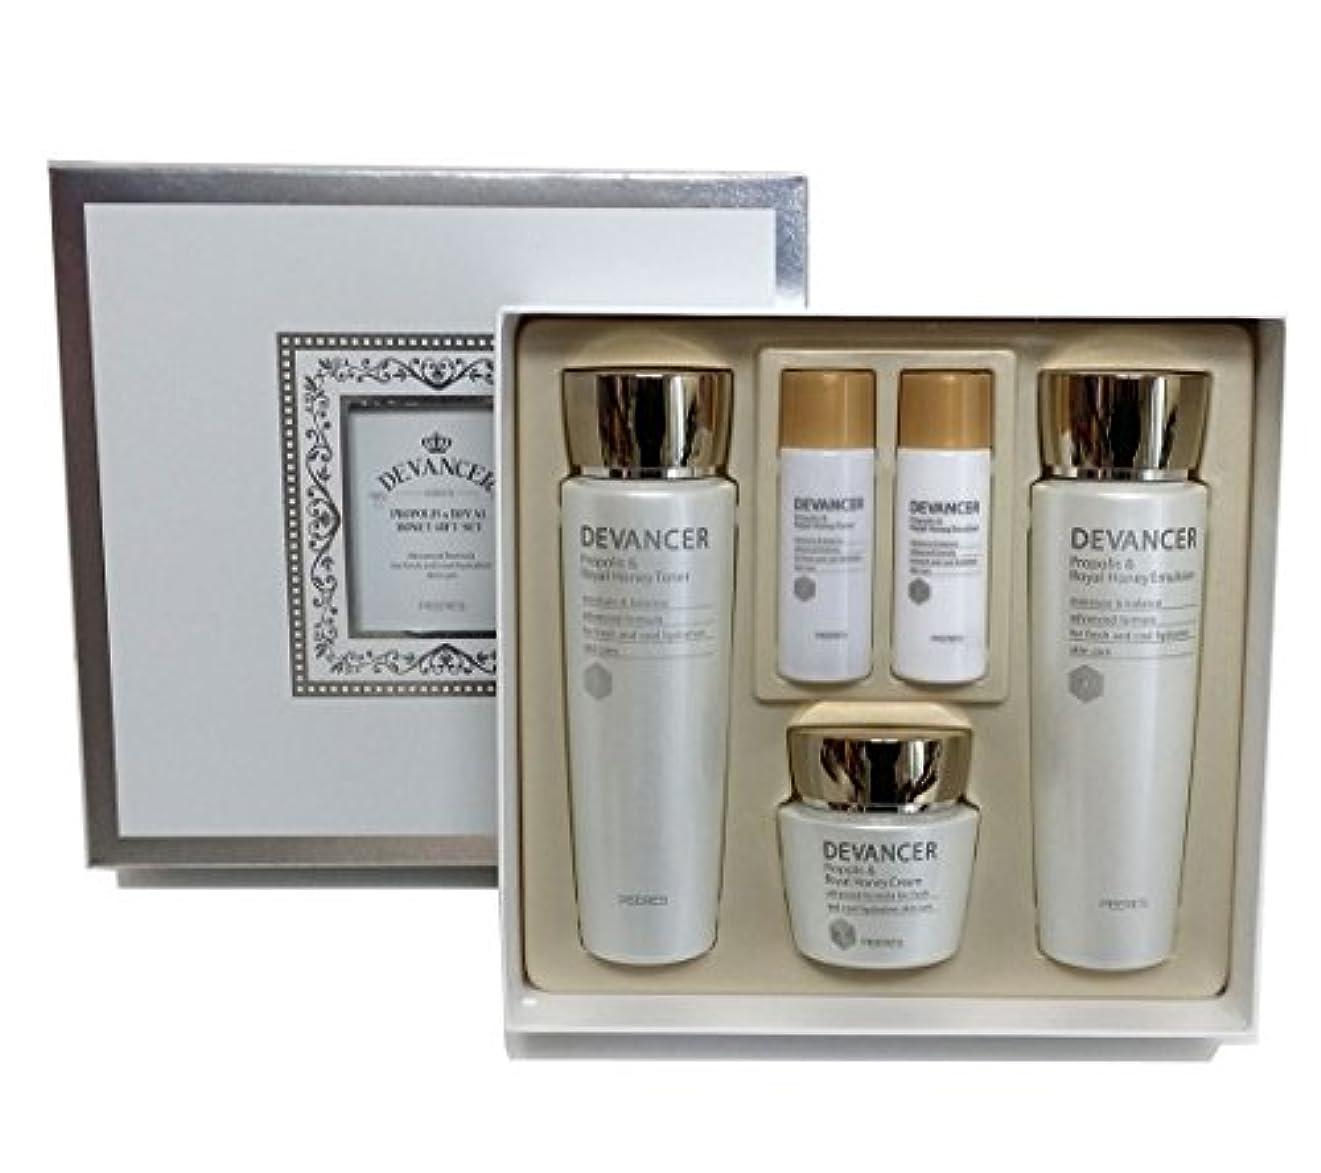 無法者謝罪ストロー[DEVANCER] プロポリス&ロイヤルハニーギフトスキンケアセット/Propolis & Royal Honey gift Skincare set/水分、ホワイトニング/moisture,whitening/韓国の...